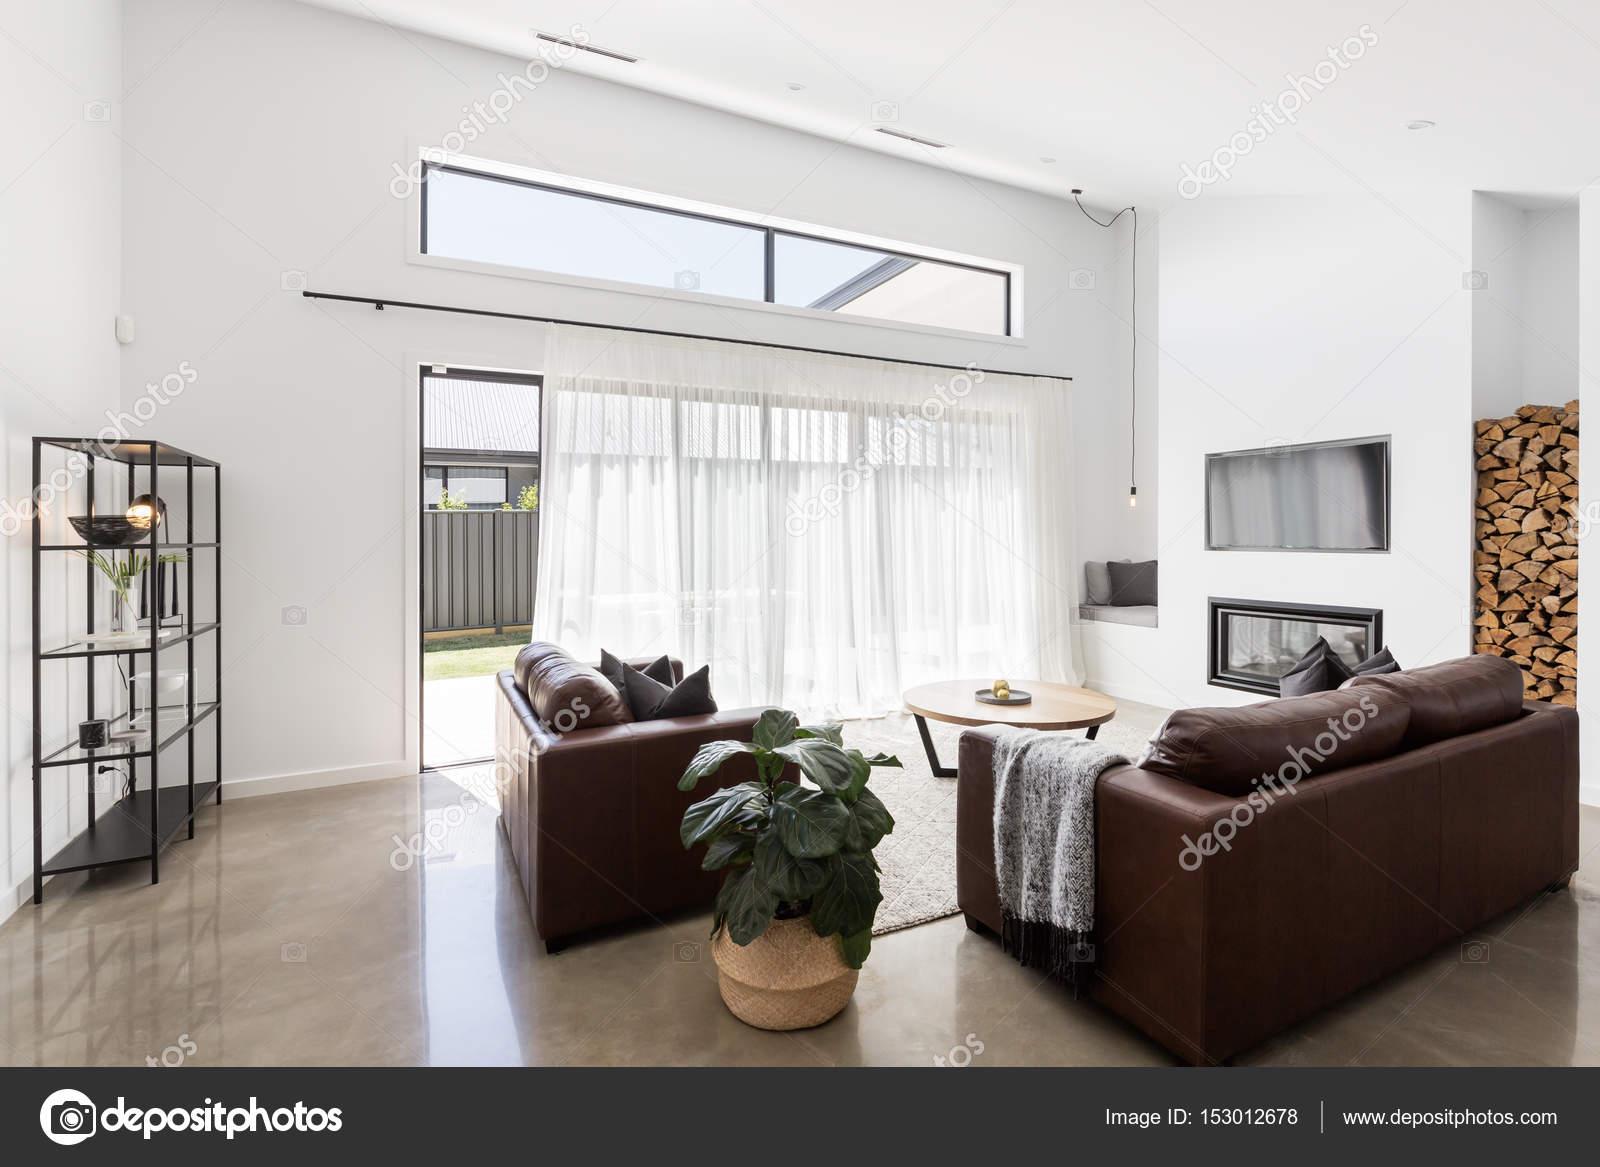 woonkamer met glazen schuifdeuren — Stockfoto © jodiejohnson #153012678